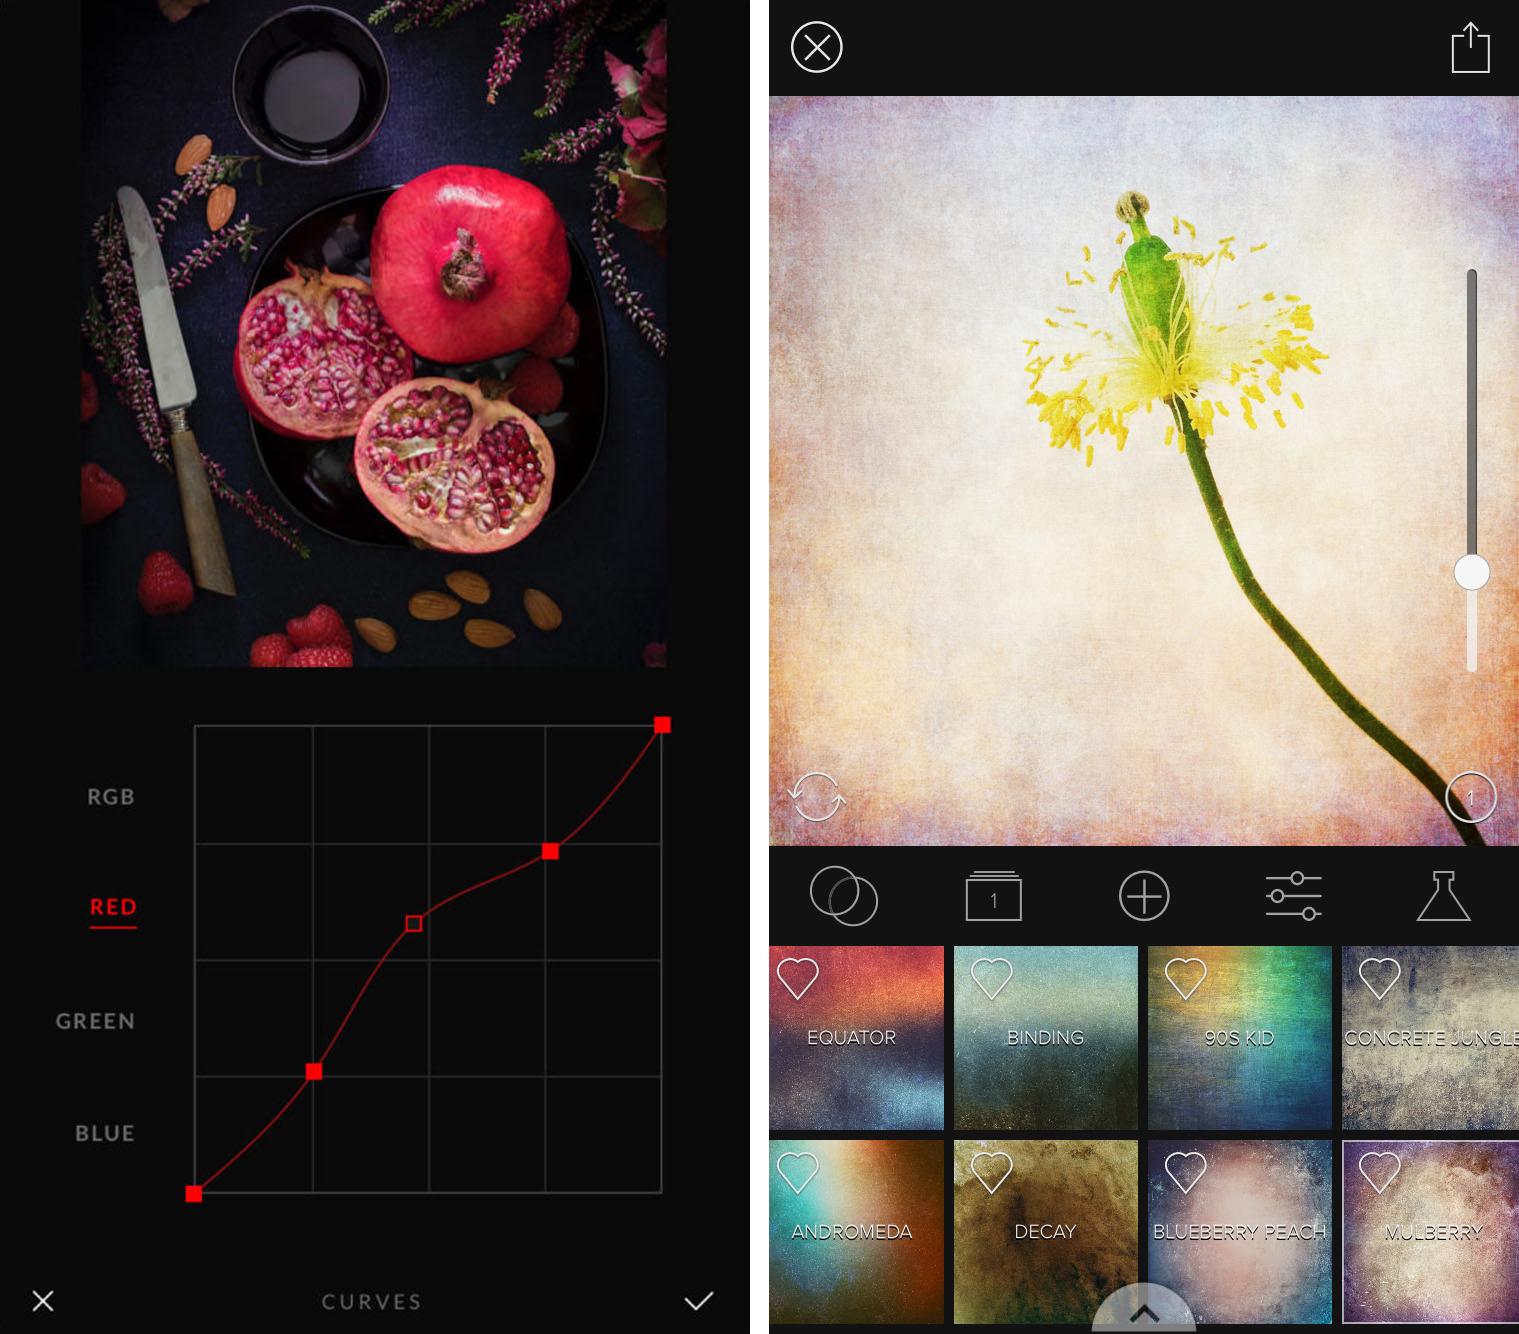 10 besten Foto-Apps für unglaubliche iPhone-Fotografie (Ausgabe 2020)